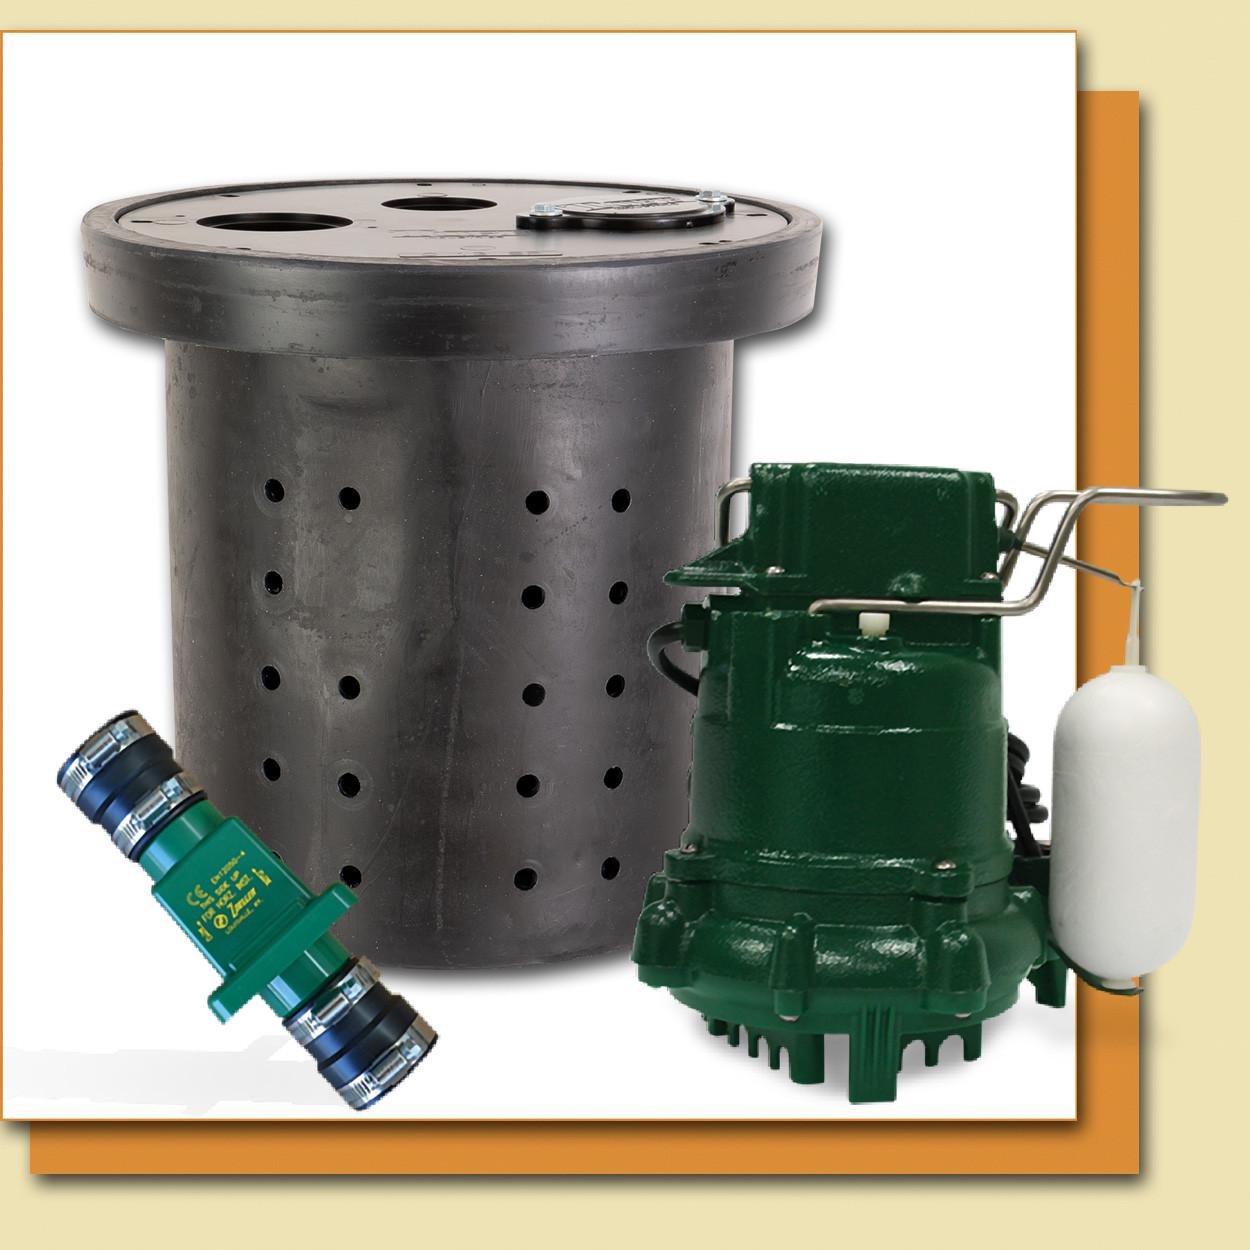 medium resolution of  zoeller sump pumps home depot zoeller model 53 basin valve